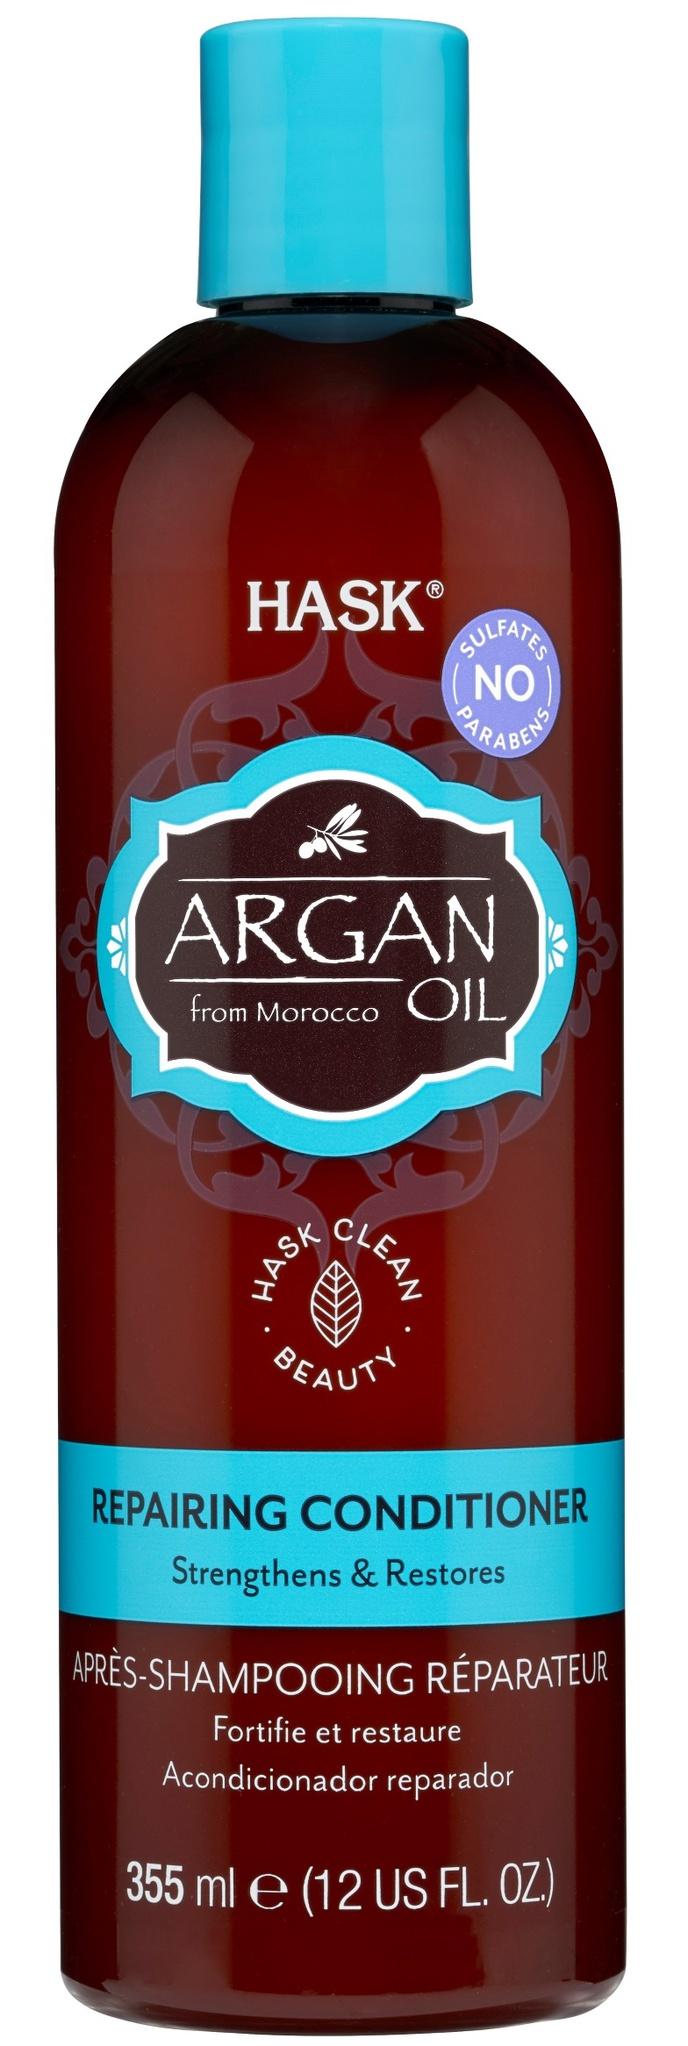 HASK Argan Oil Repairing Conditioner